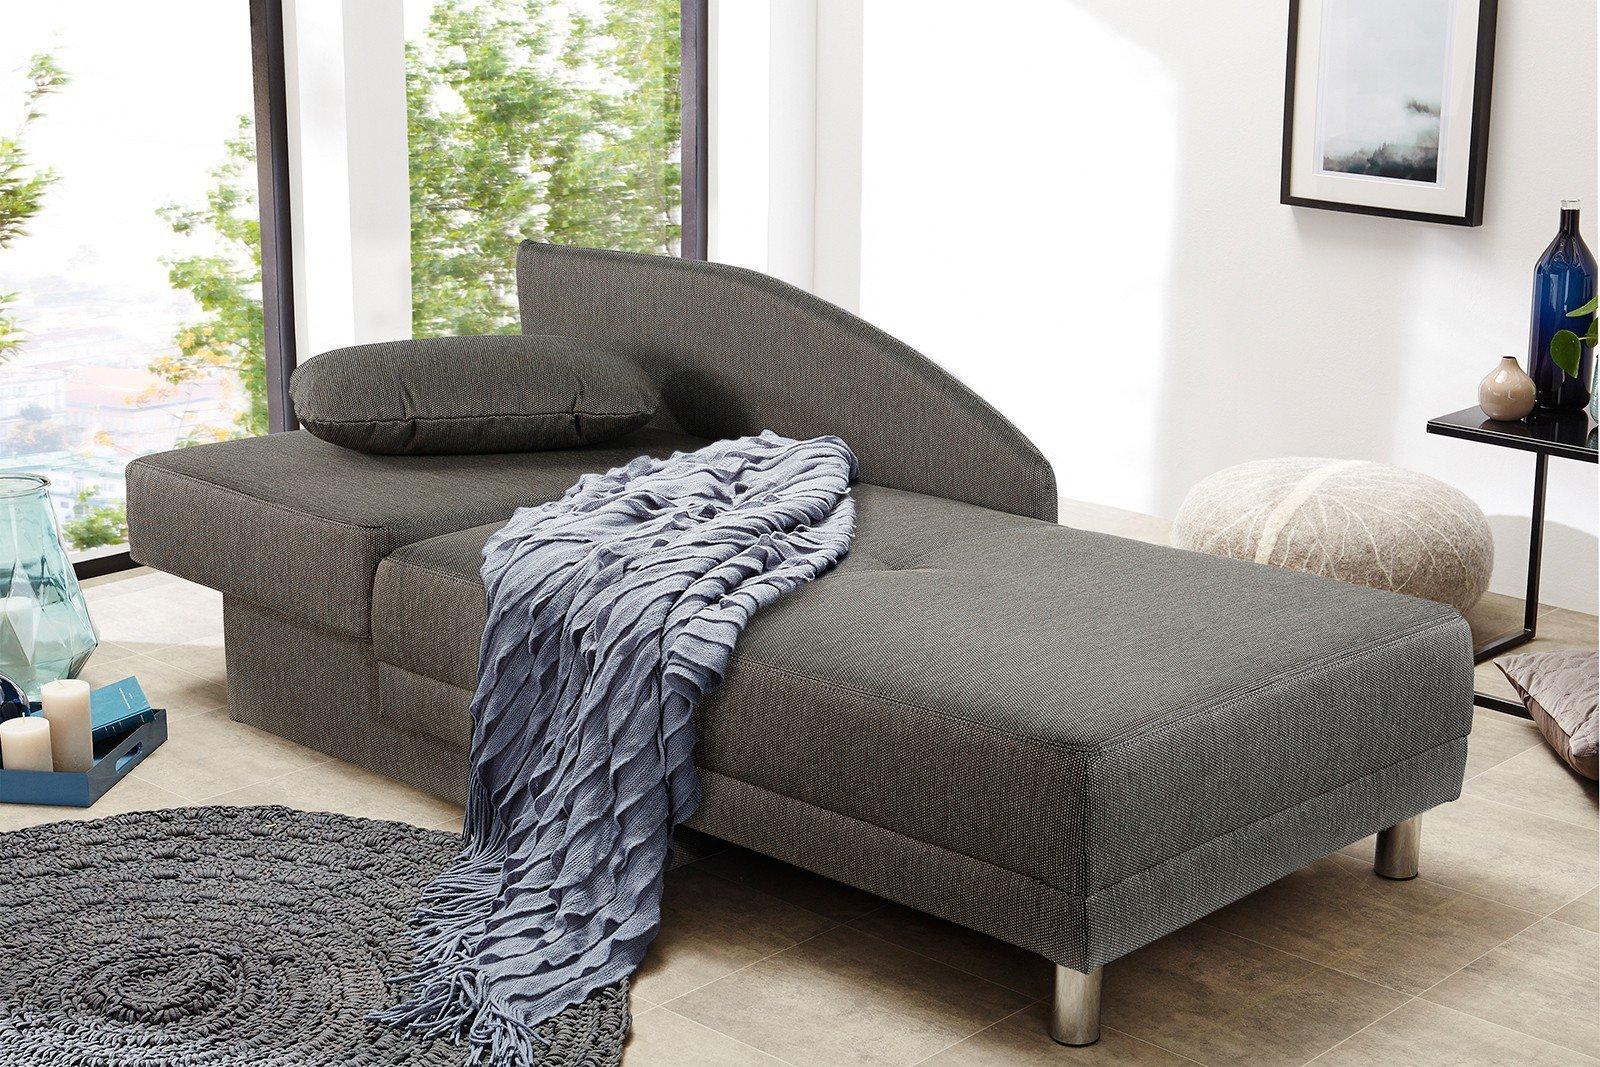 jockenh fer roi rasputin recamiere mit bettkasten in braun m bel letz ihr online shop. Black Bedroom Furniture Sets. Home Design Ideas